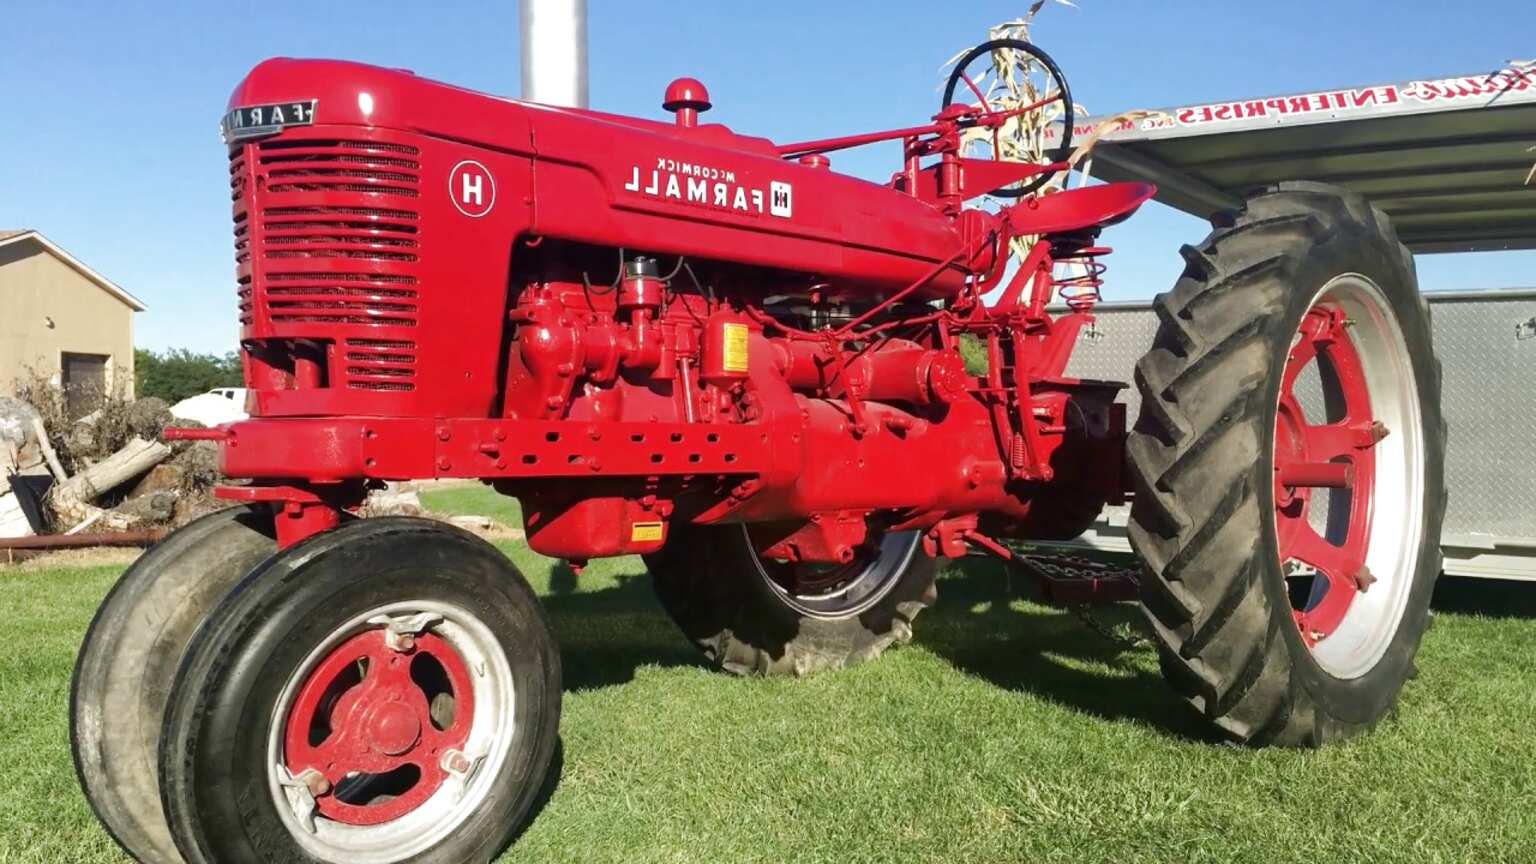 1950 farmall tractor for sale